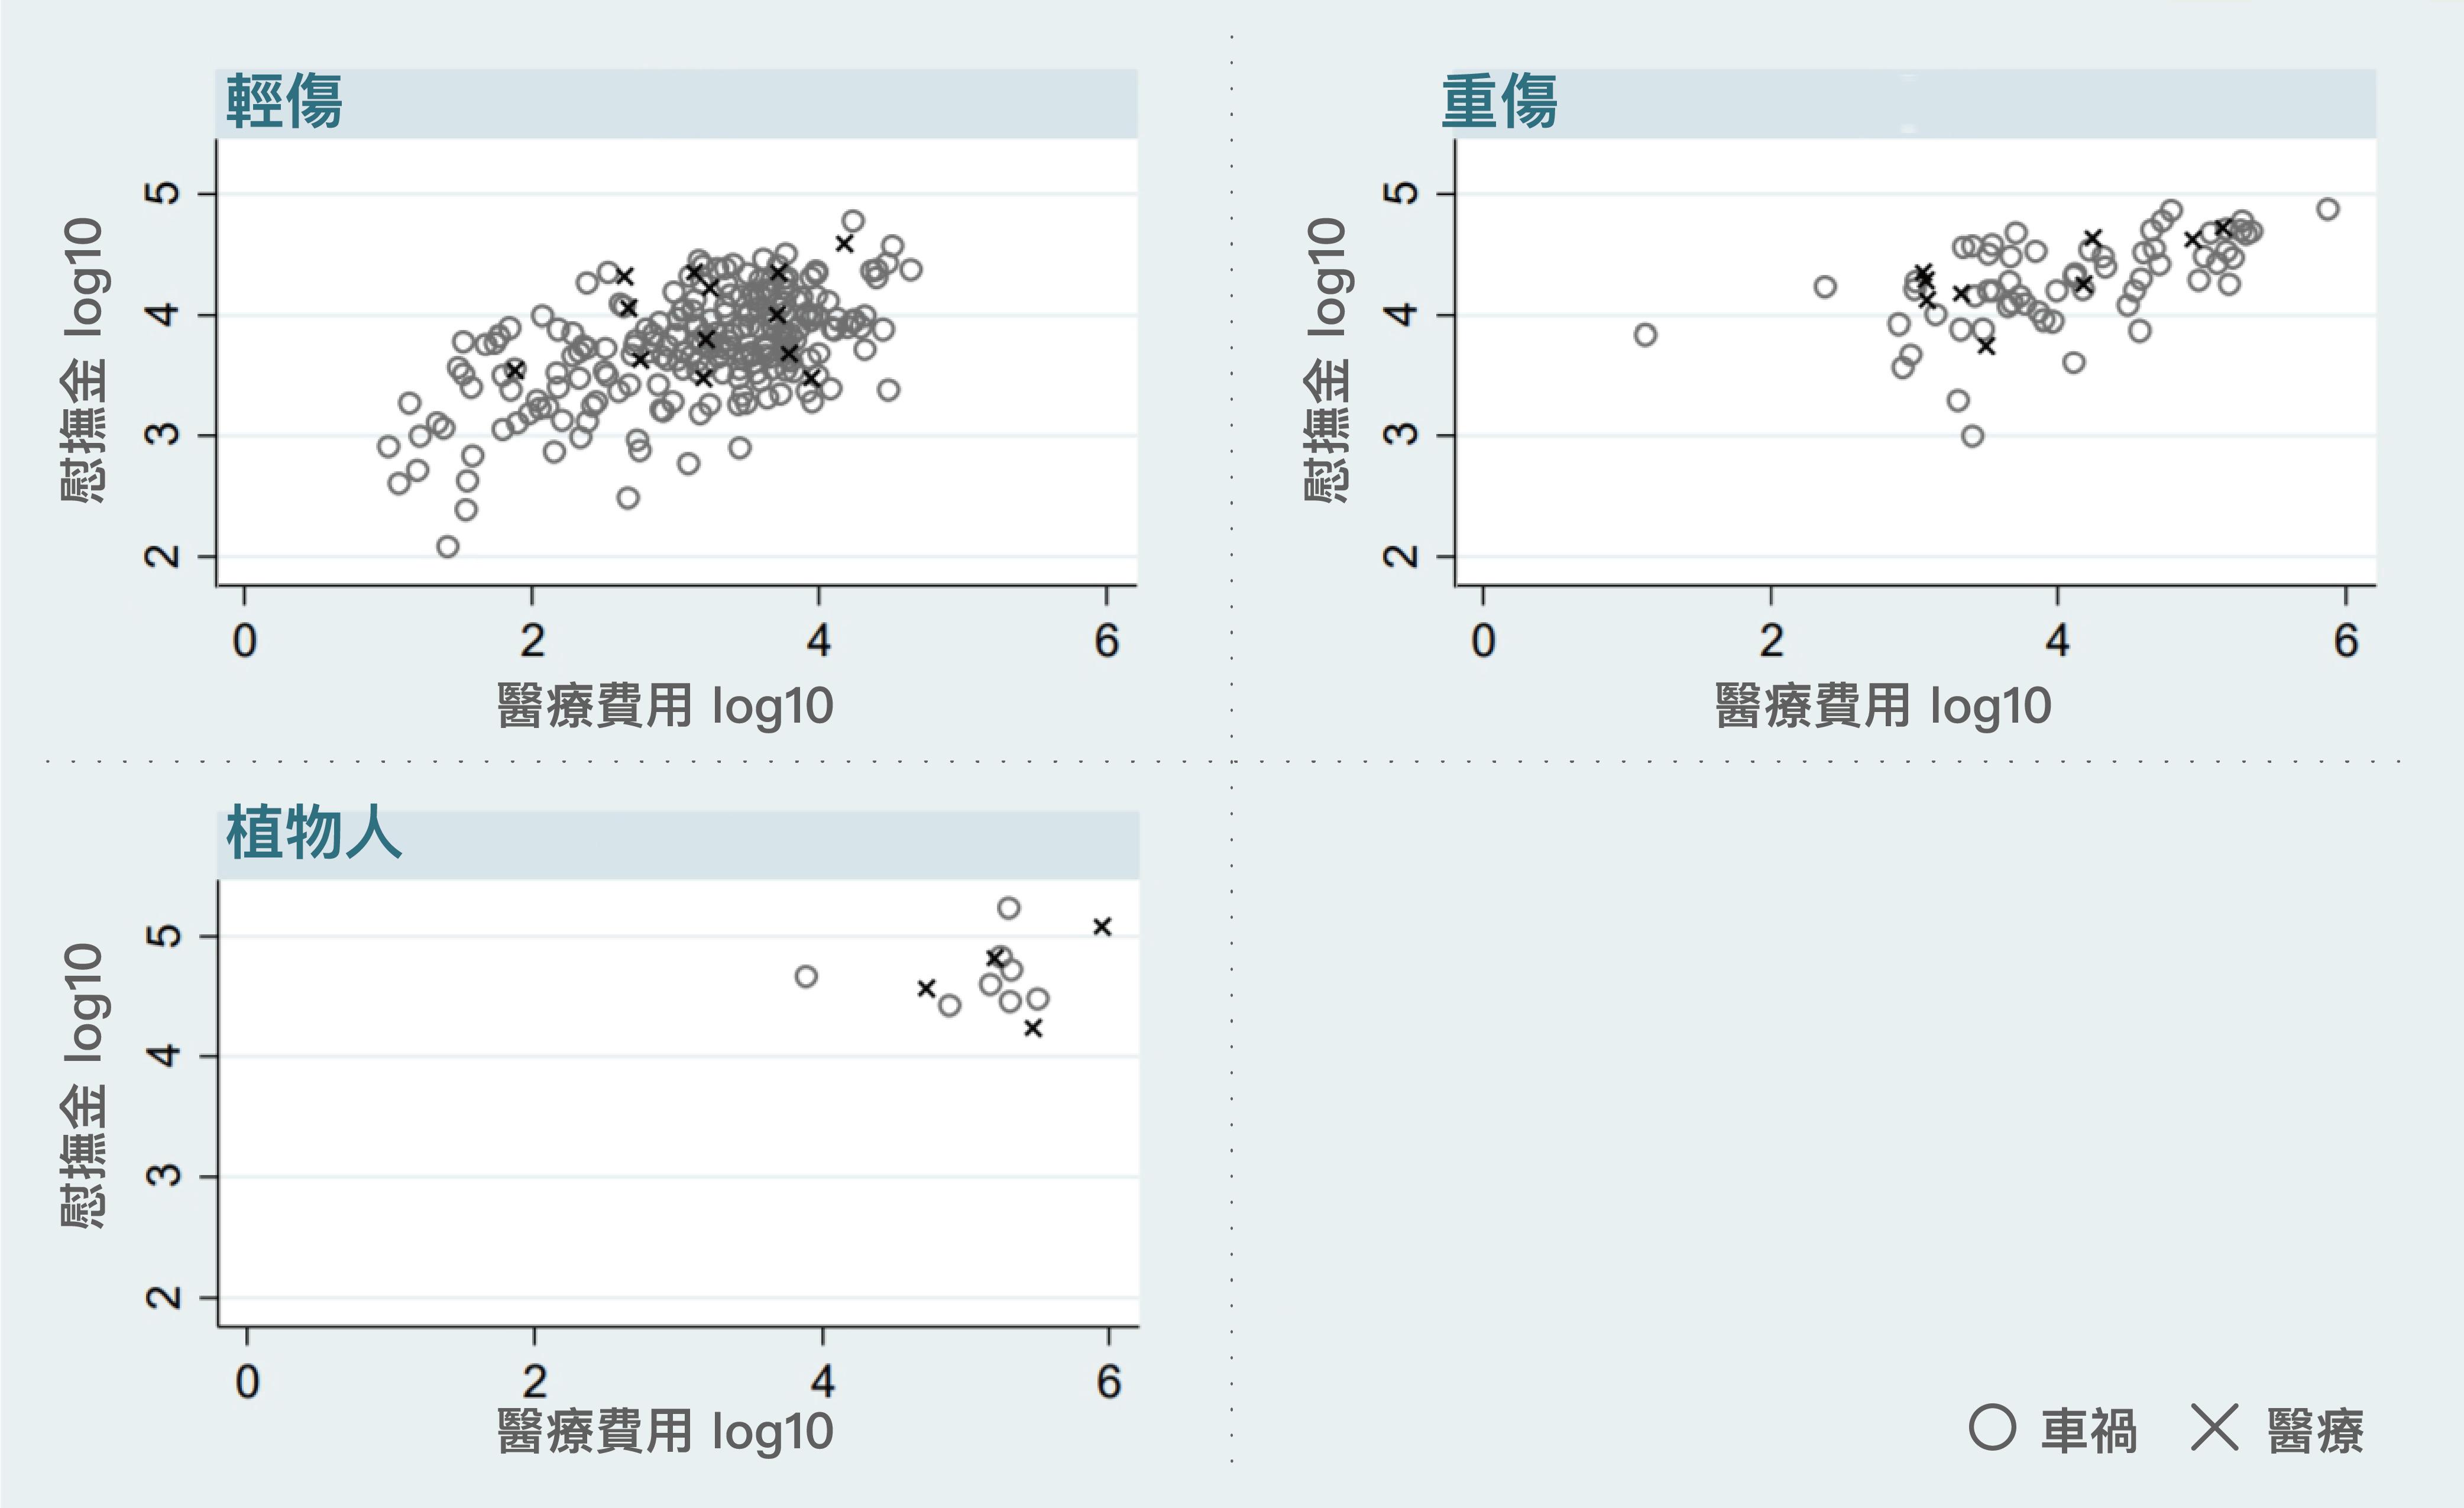 X 軸與 Y 軸為數值取 log10;取 log10 後的數值,表示原始數值是 1 之後有多少個 0,例如 log10=6 表示原始數值為 1,000,000。從圖中的的分布可以看出,慰撫金額的高低,跟受傷程度、醫療費用,皆呈現正相關。圖│研之有物(資料來源│張永健)